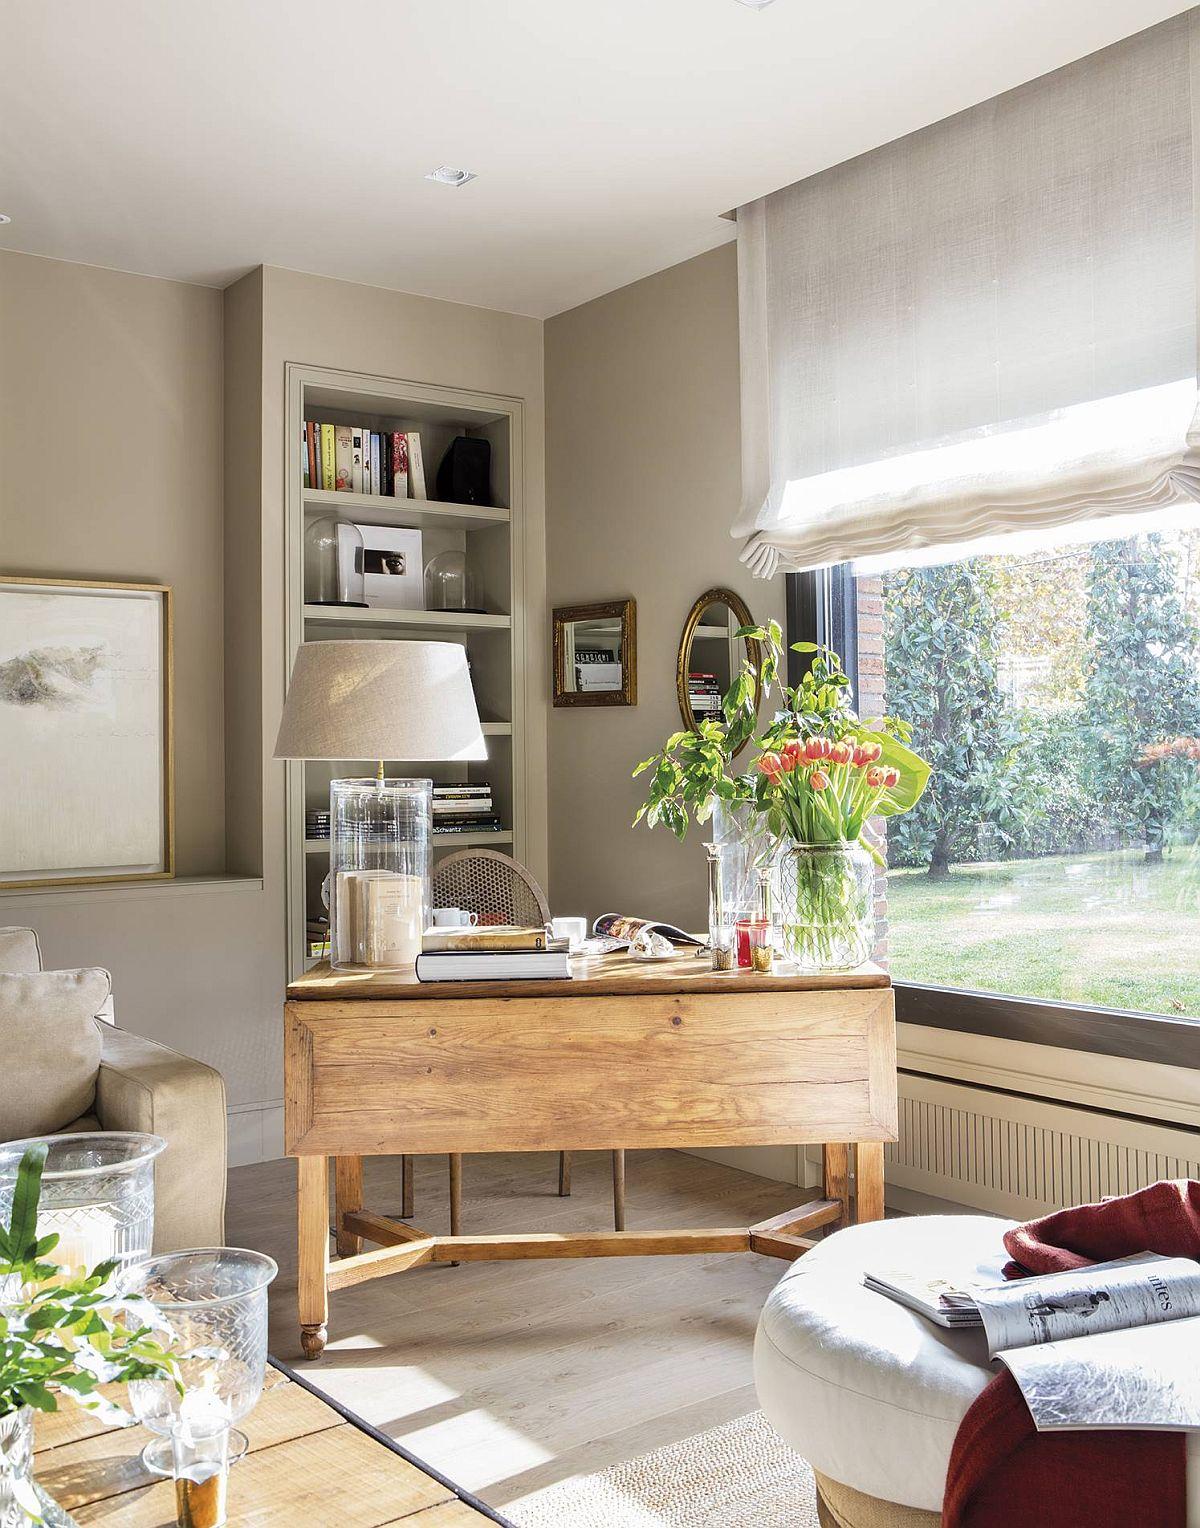 Dacă fundalul pereților este neutru și mobila realizată pe comandă în ton cu zugrăveala, ca și în bucătărie, orice textură, cum ar fi lemnul masiv al mesei de birou, iese în evidență și conferă caracter camerei.